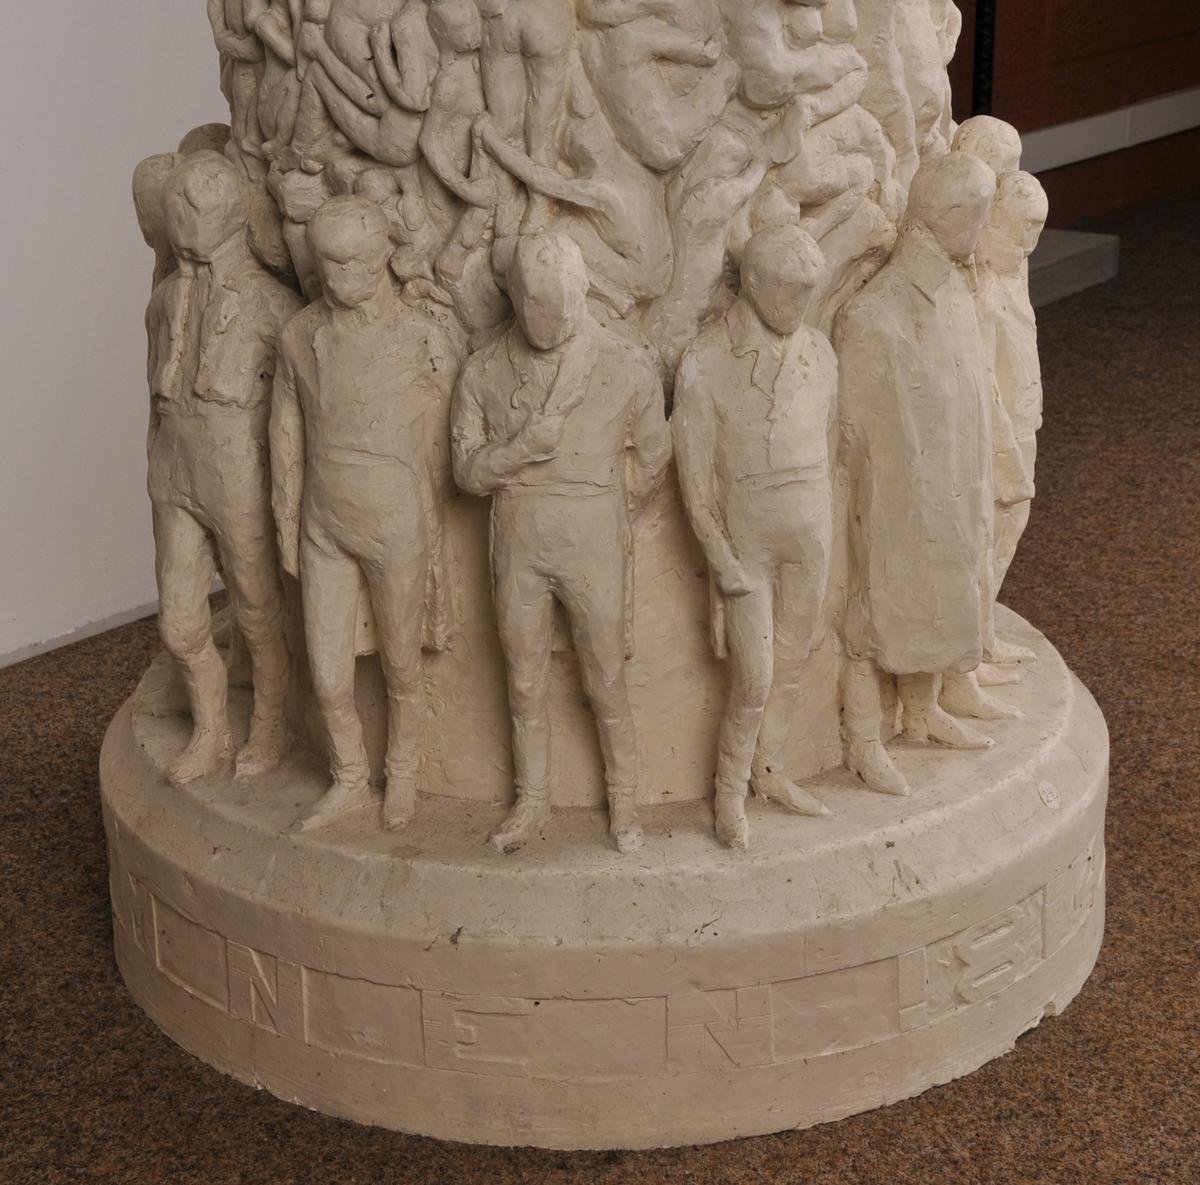 Søyle dekt av relieff av nakne menneske. Rundt foten av søyla står ein ring av symbolske fridomsfigurar (Eidsvoldsmennene?). På toppen av søyla sit den ekstatiske Fossegrimen som lokkar mennesket med spelet sitt.